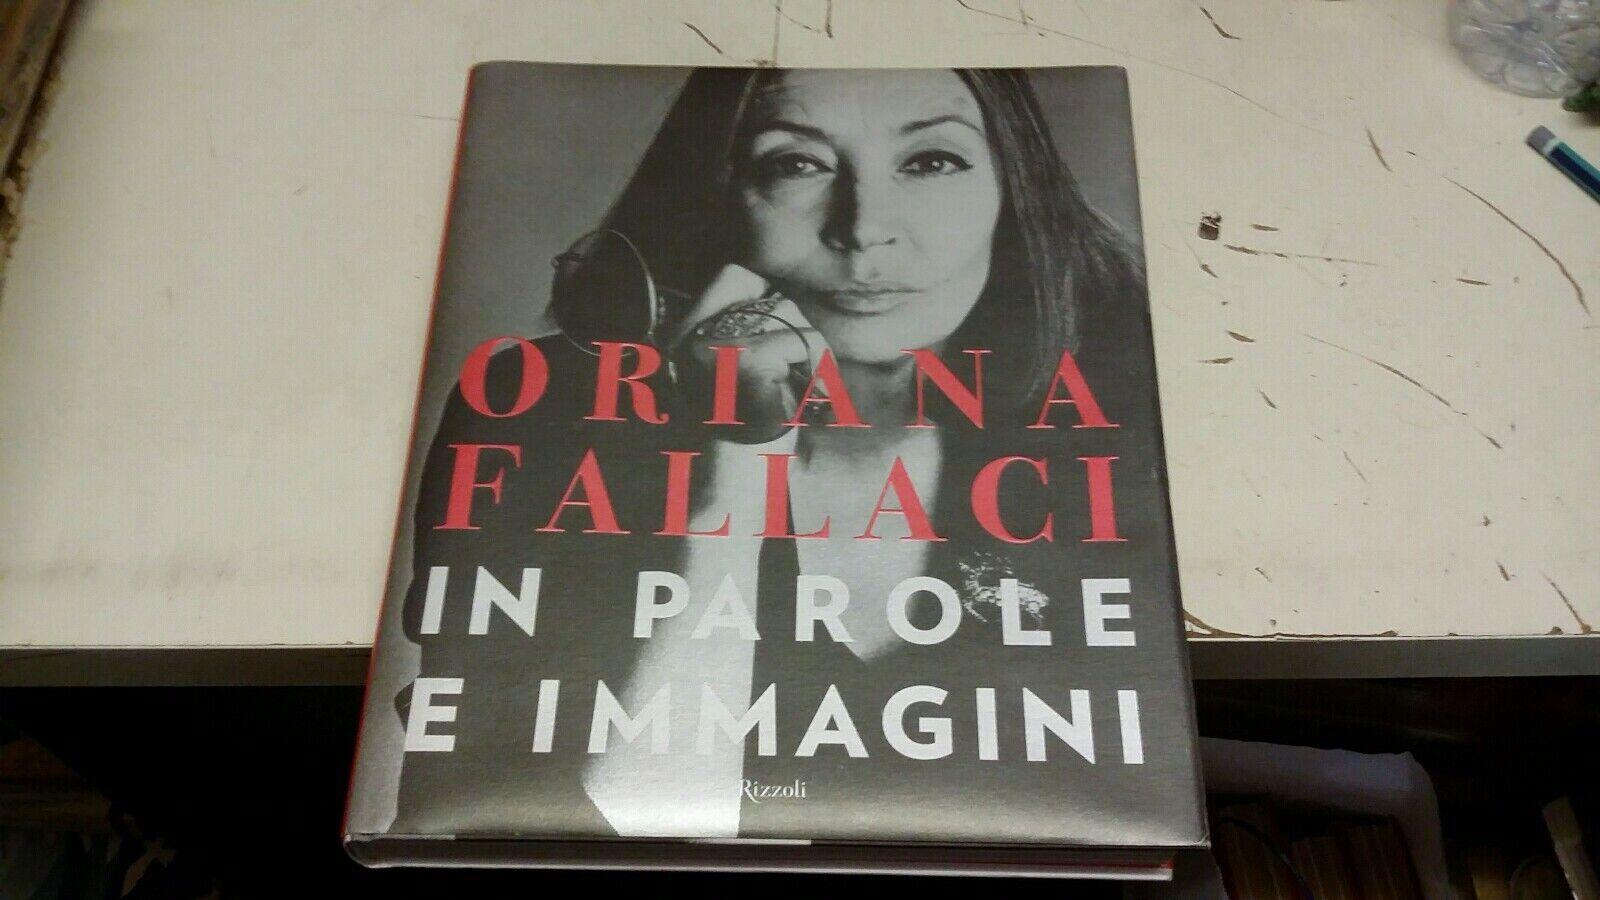 LIBRO: L'Attualità di Oriana Fallaci - BiblioTerapia - I Libri curano,  confortano e nutrono